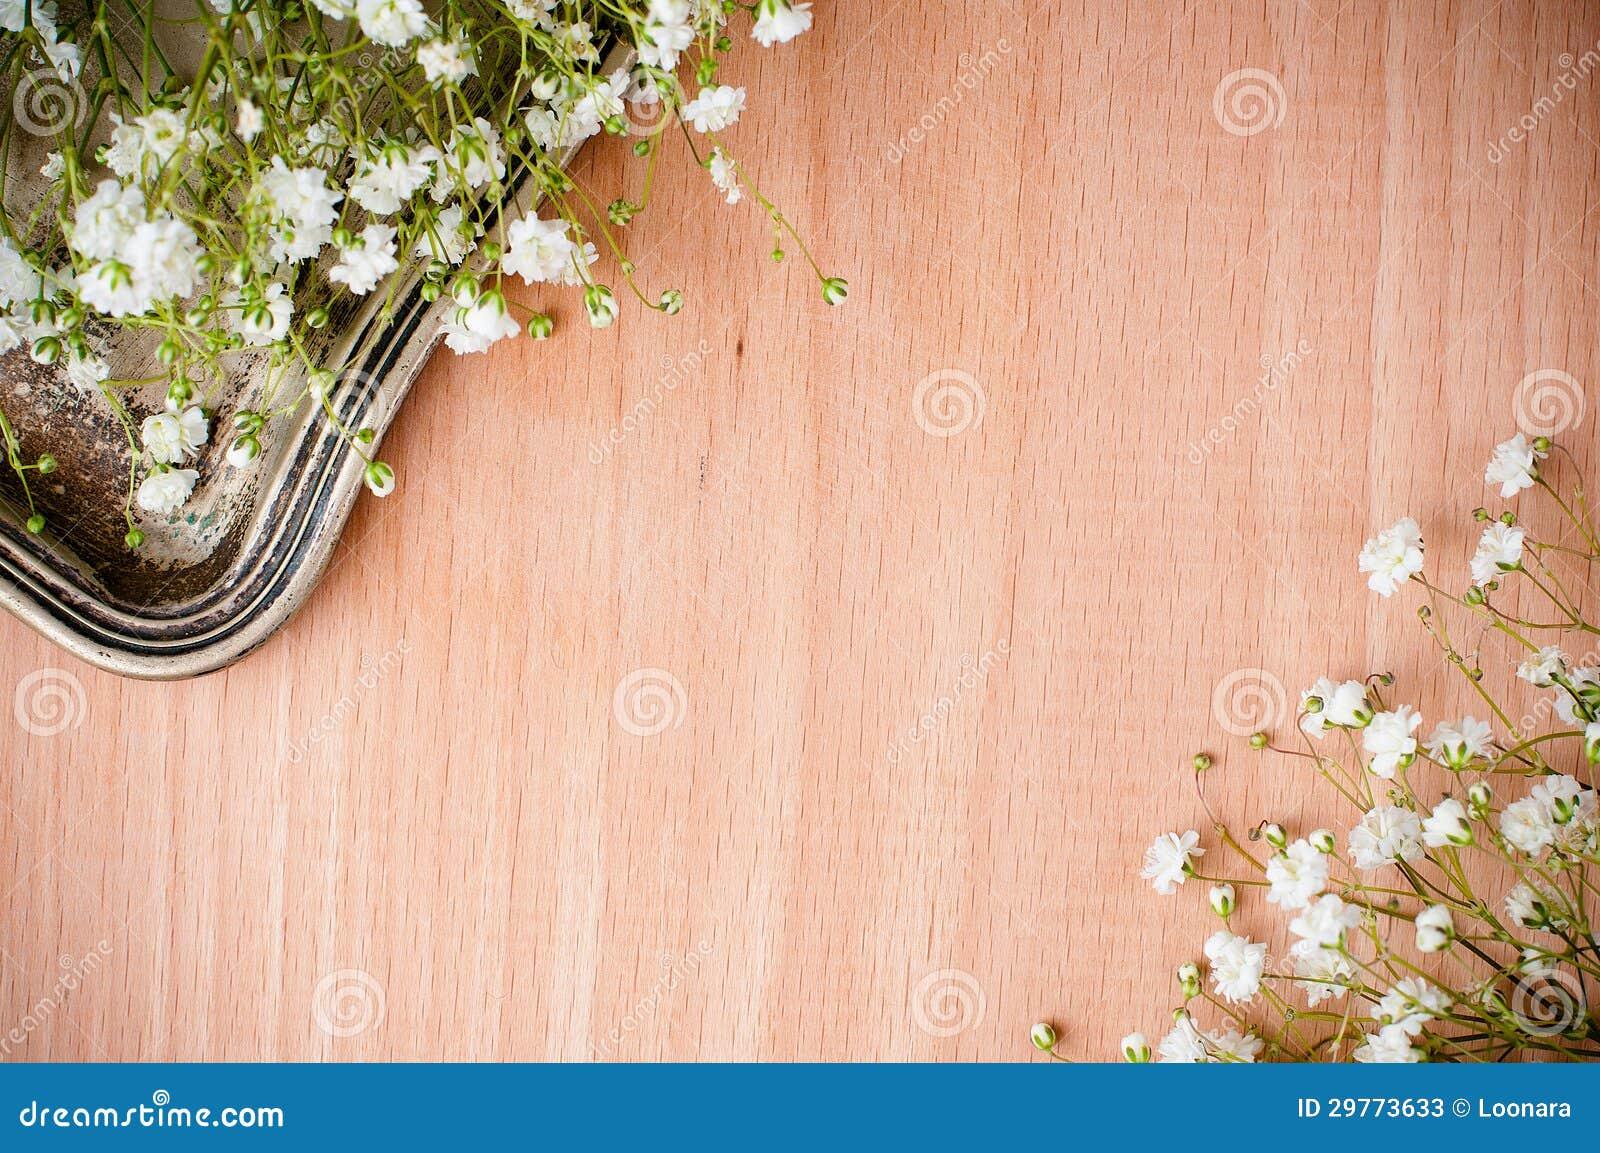 Фон деревянный пол